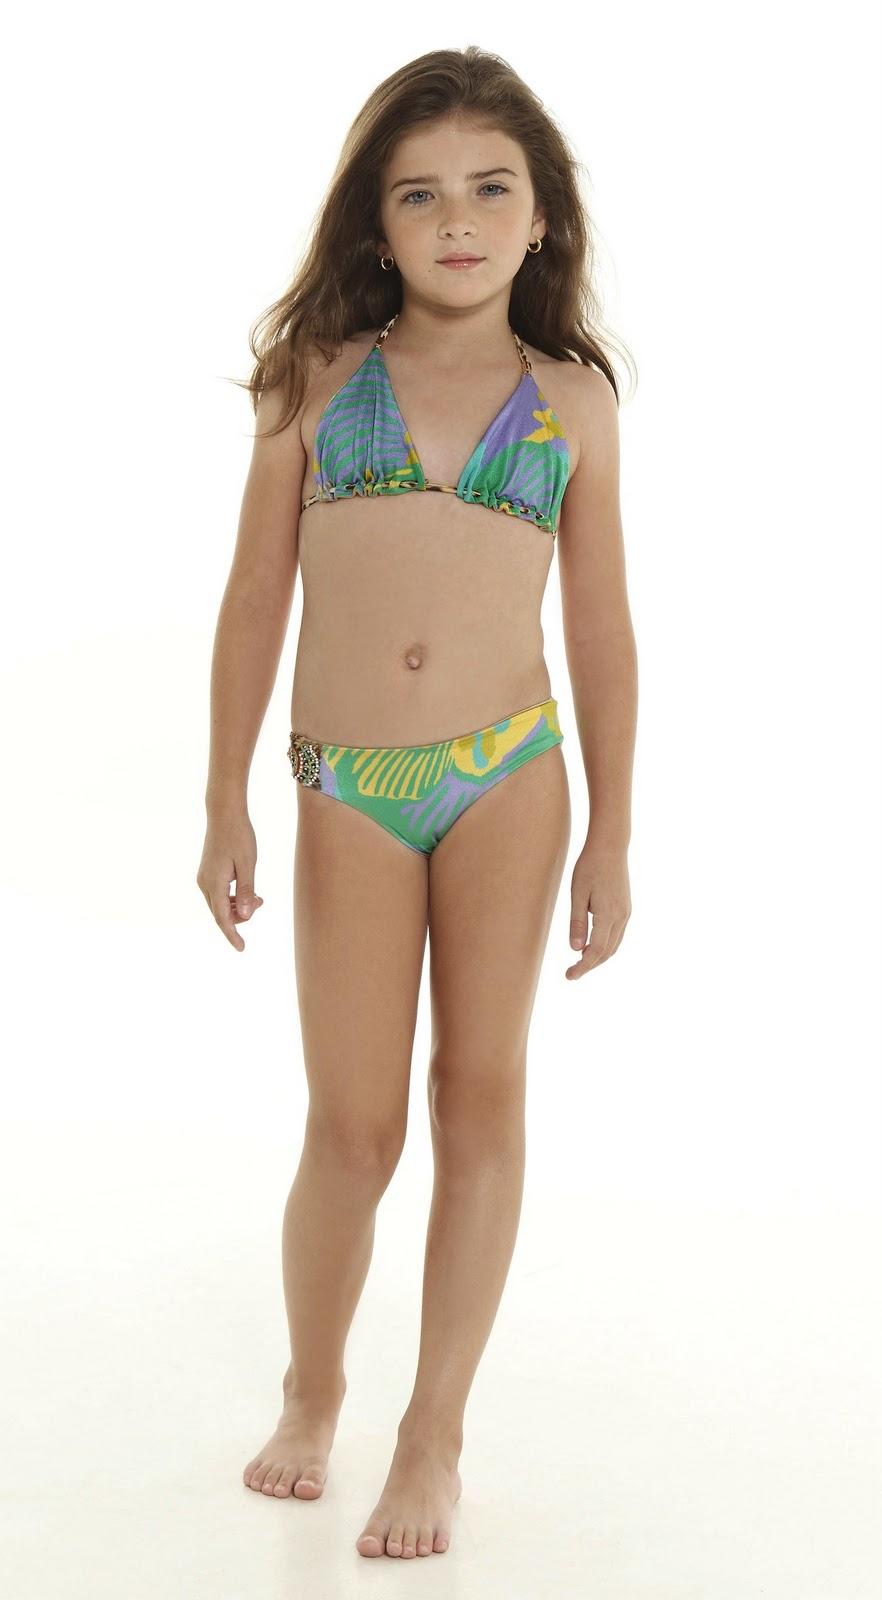 Pre-Teen Swim: CM 1109. sizes: 10, 12, 14